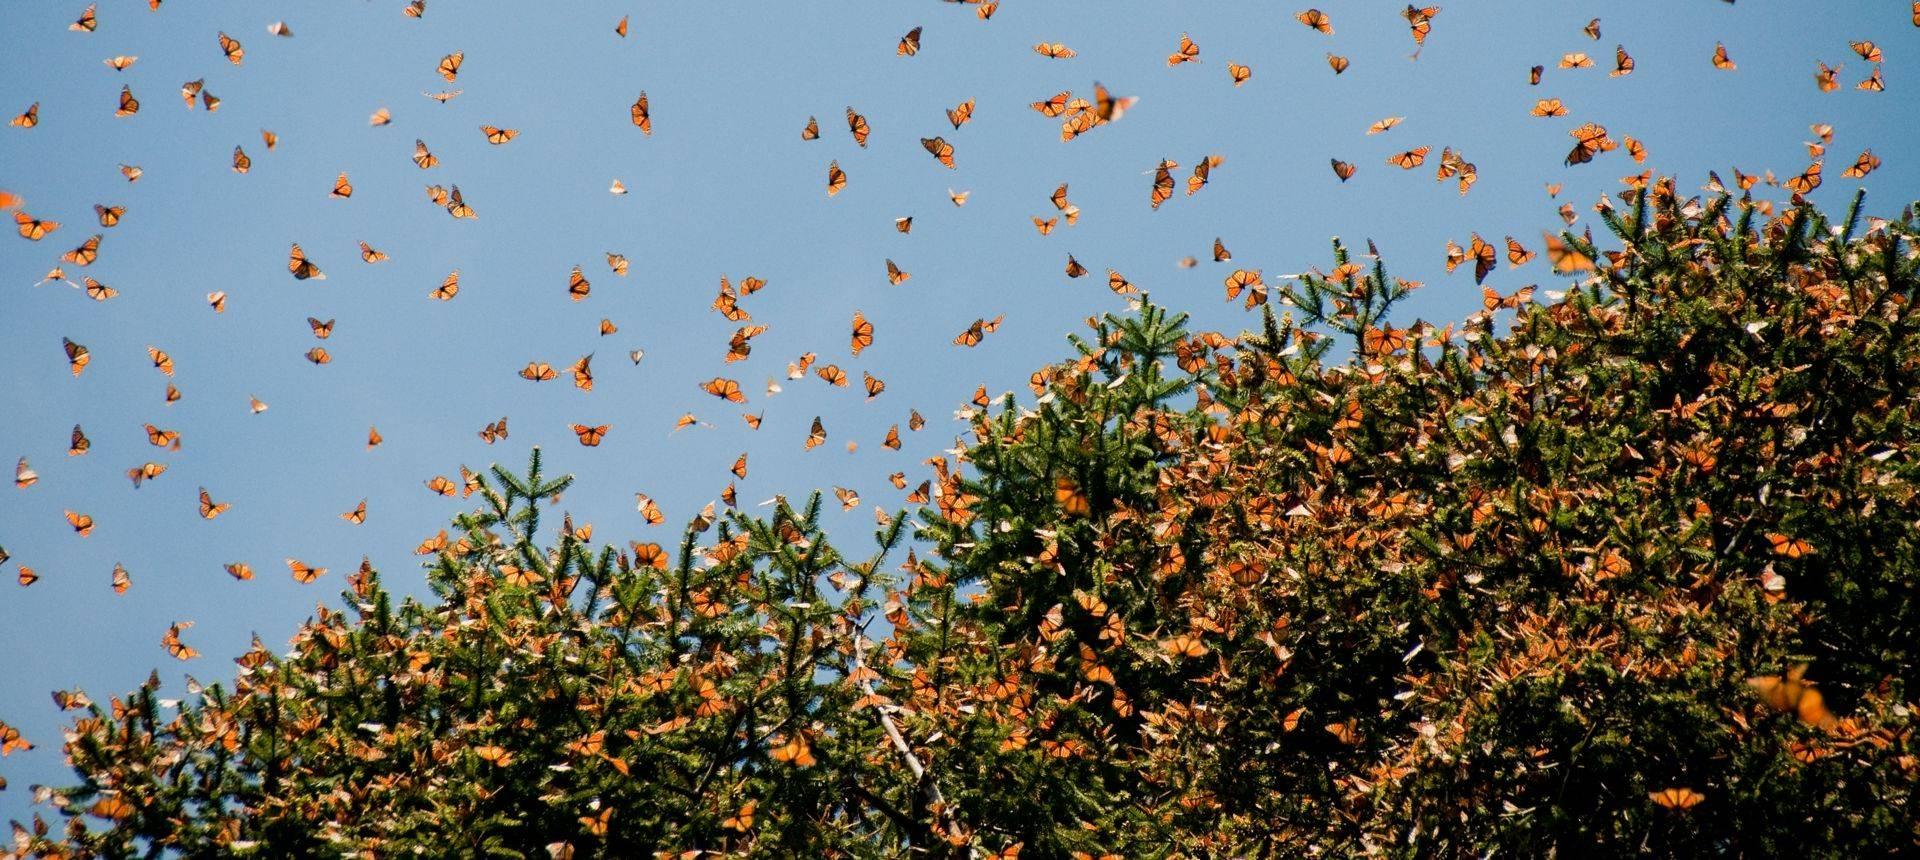 Monarch Butterfly Biosphere Reserve. Shutterstock 100246115